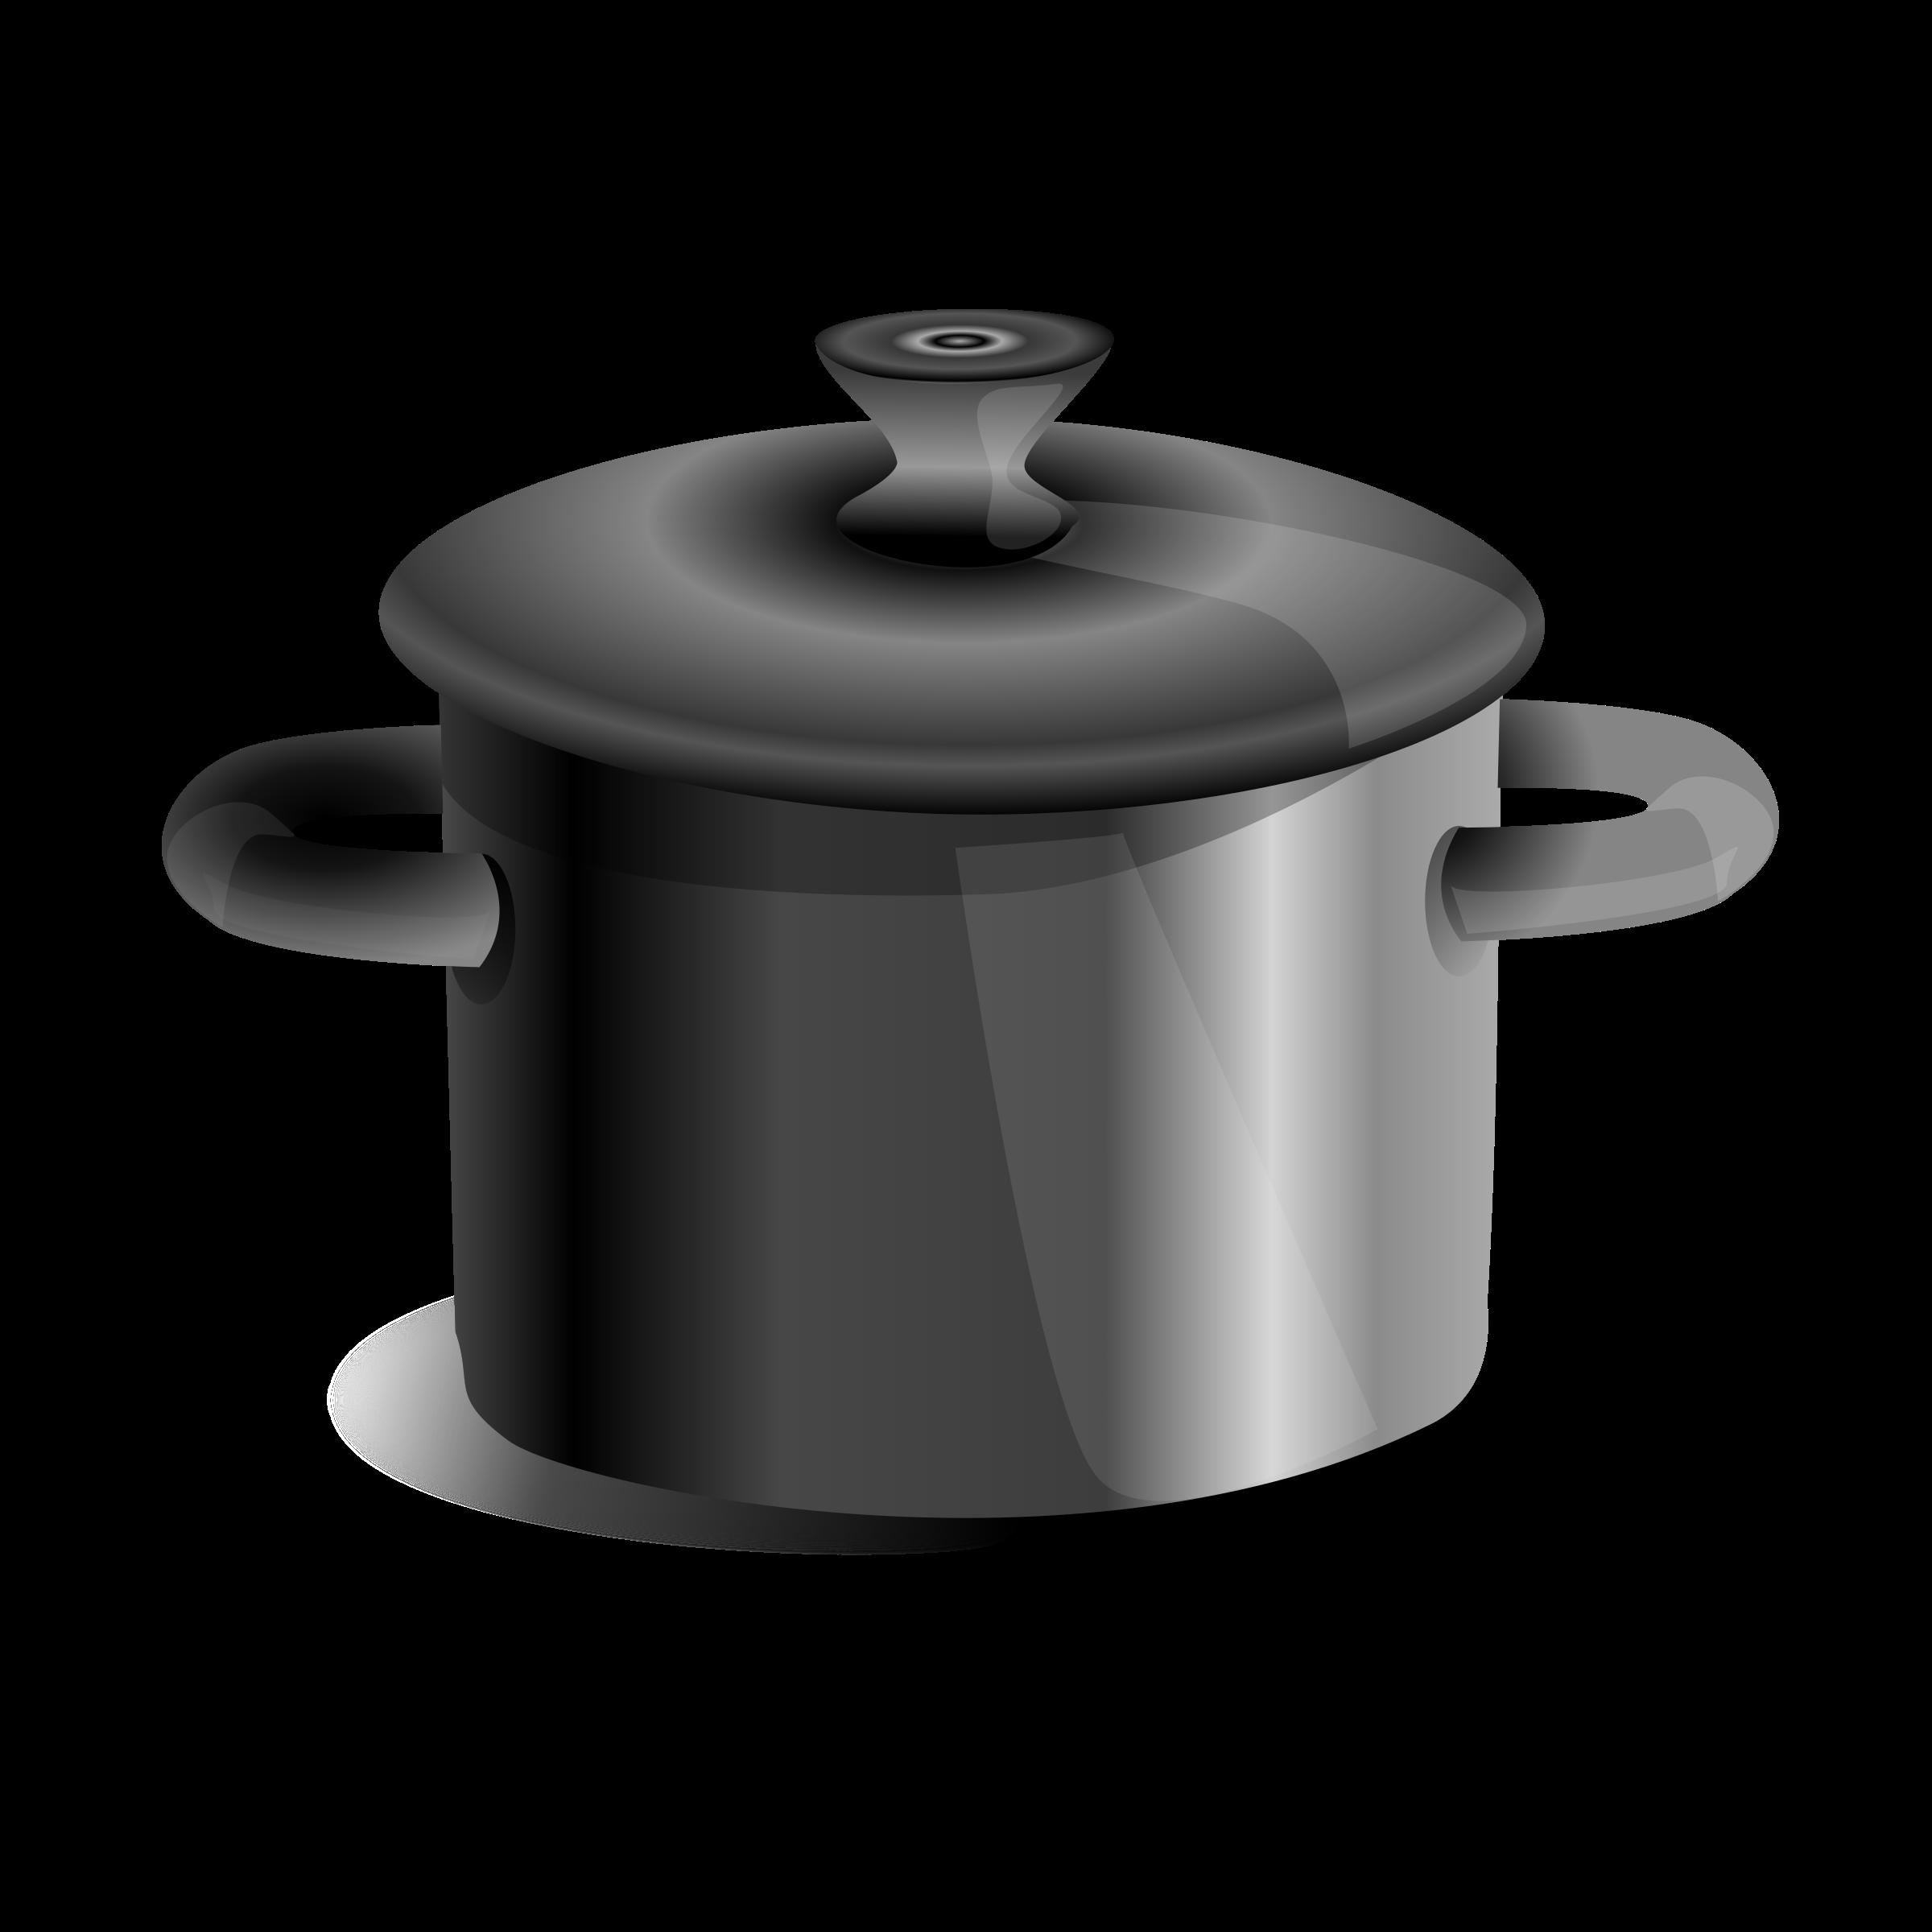 Clipart iron pot iron pat olla de acero metalica para - Olla para cocinar ...